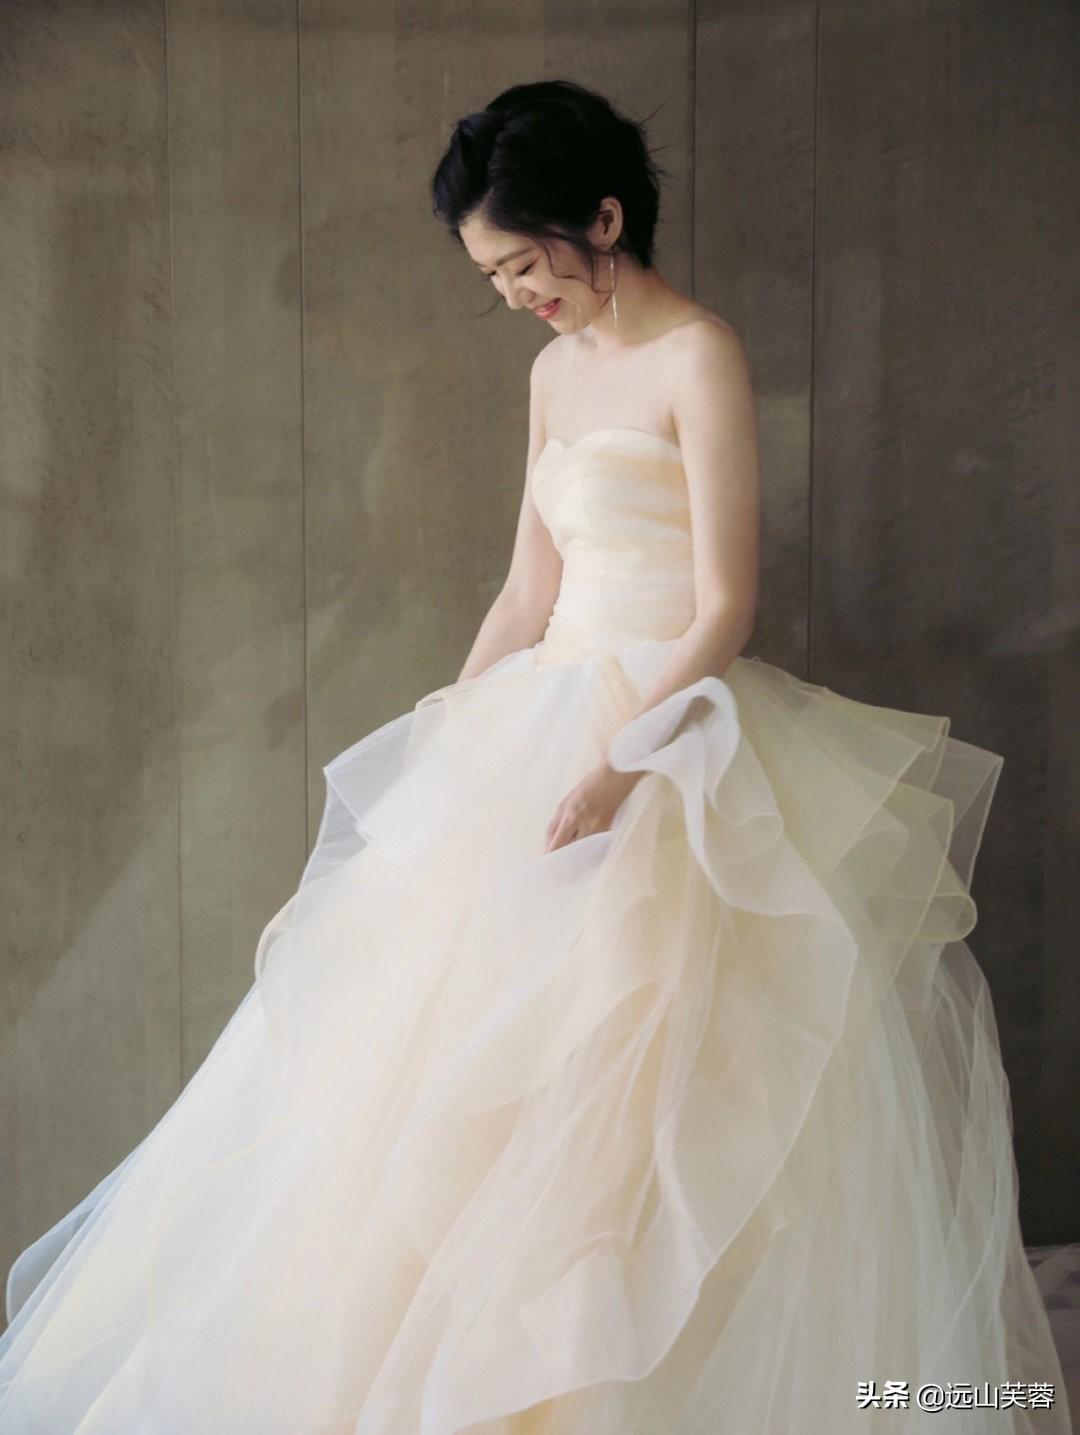 女性穿上婚纱的时候最美-3.jpg